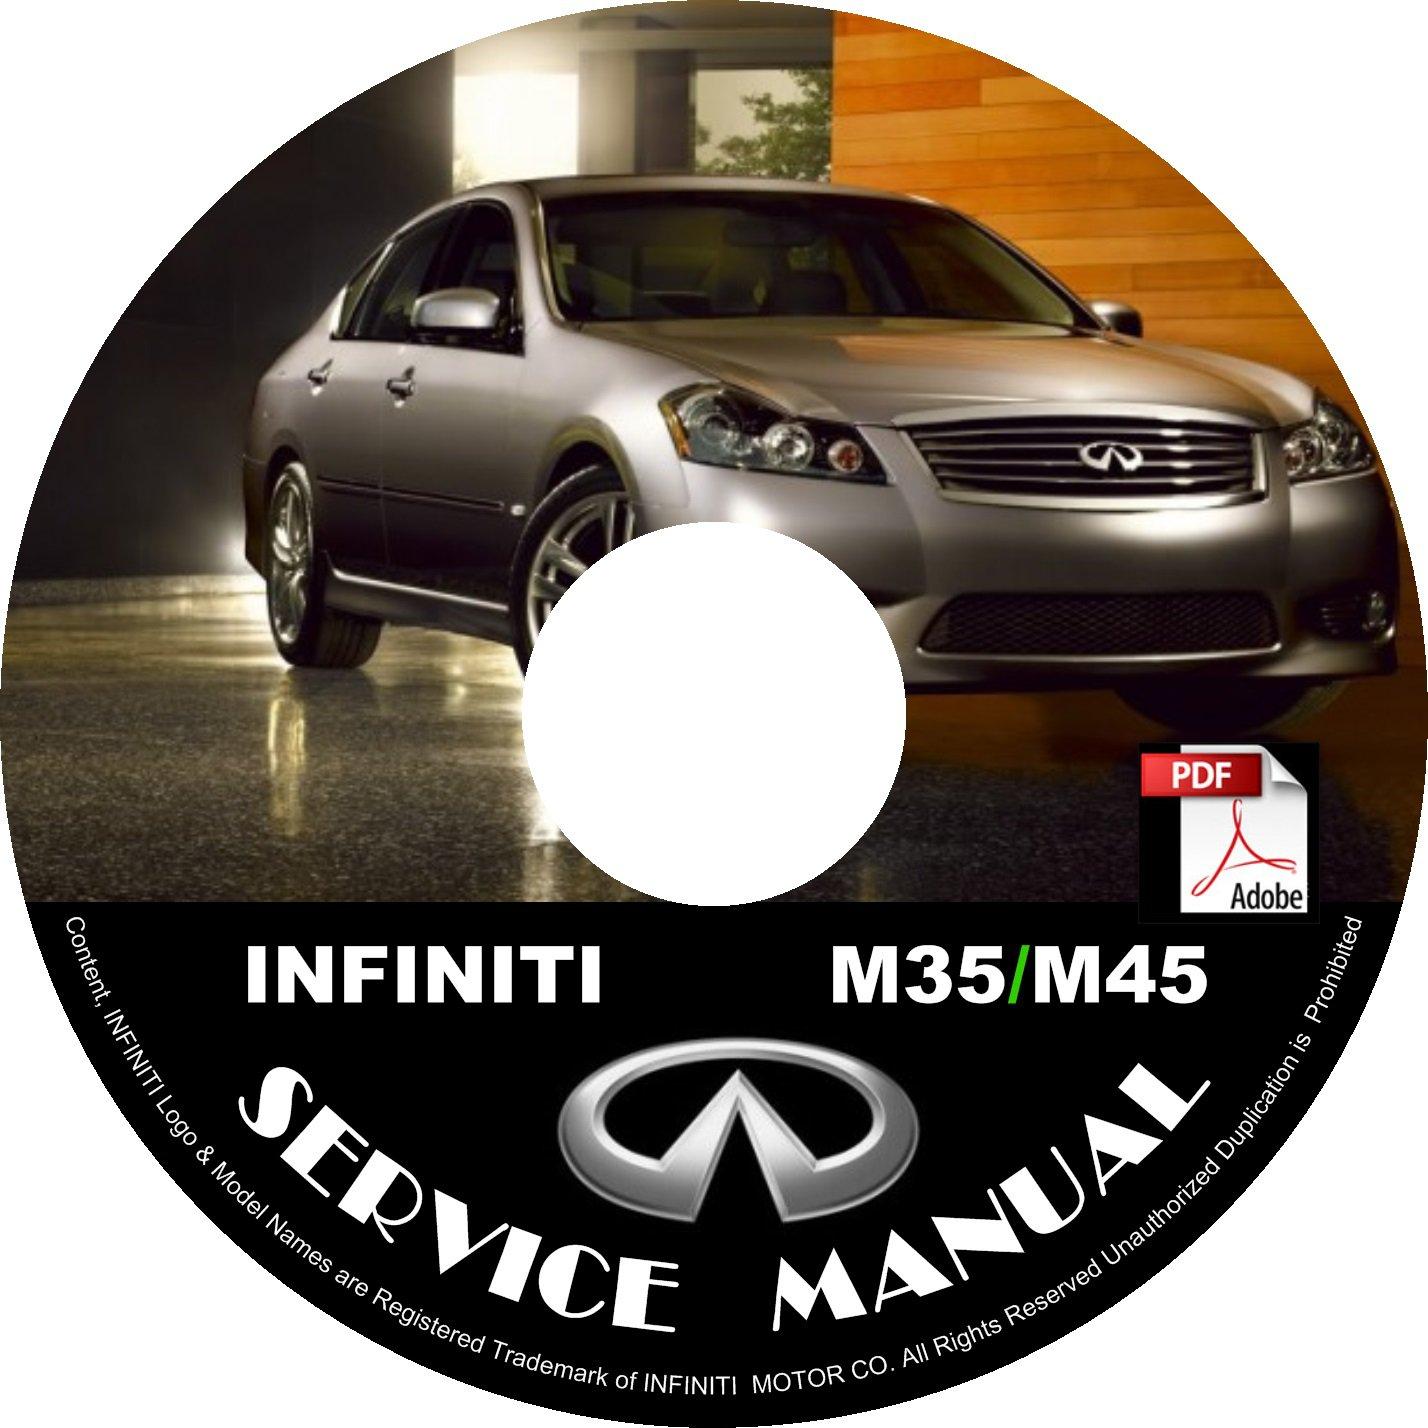 2010 Infiniti M35 M45 Factory Service Repair Shop Manual on CD Fix Repair Rebuild '10 Workshop Guide